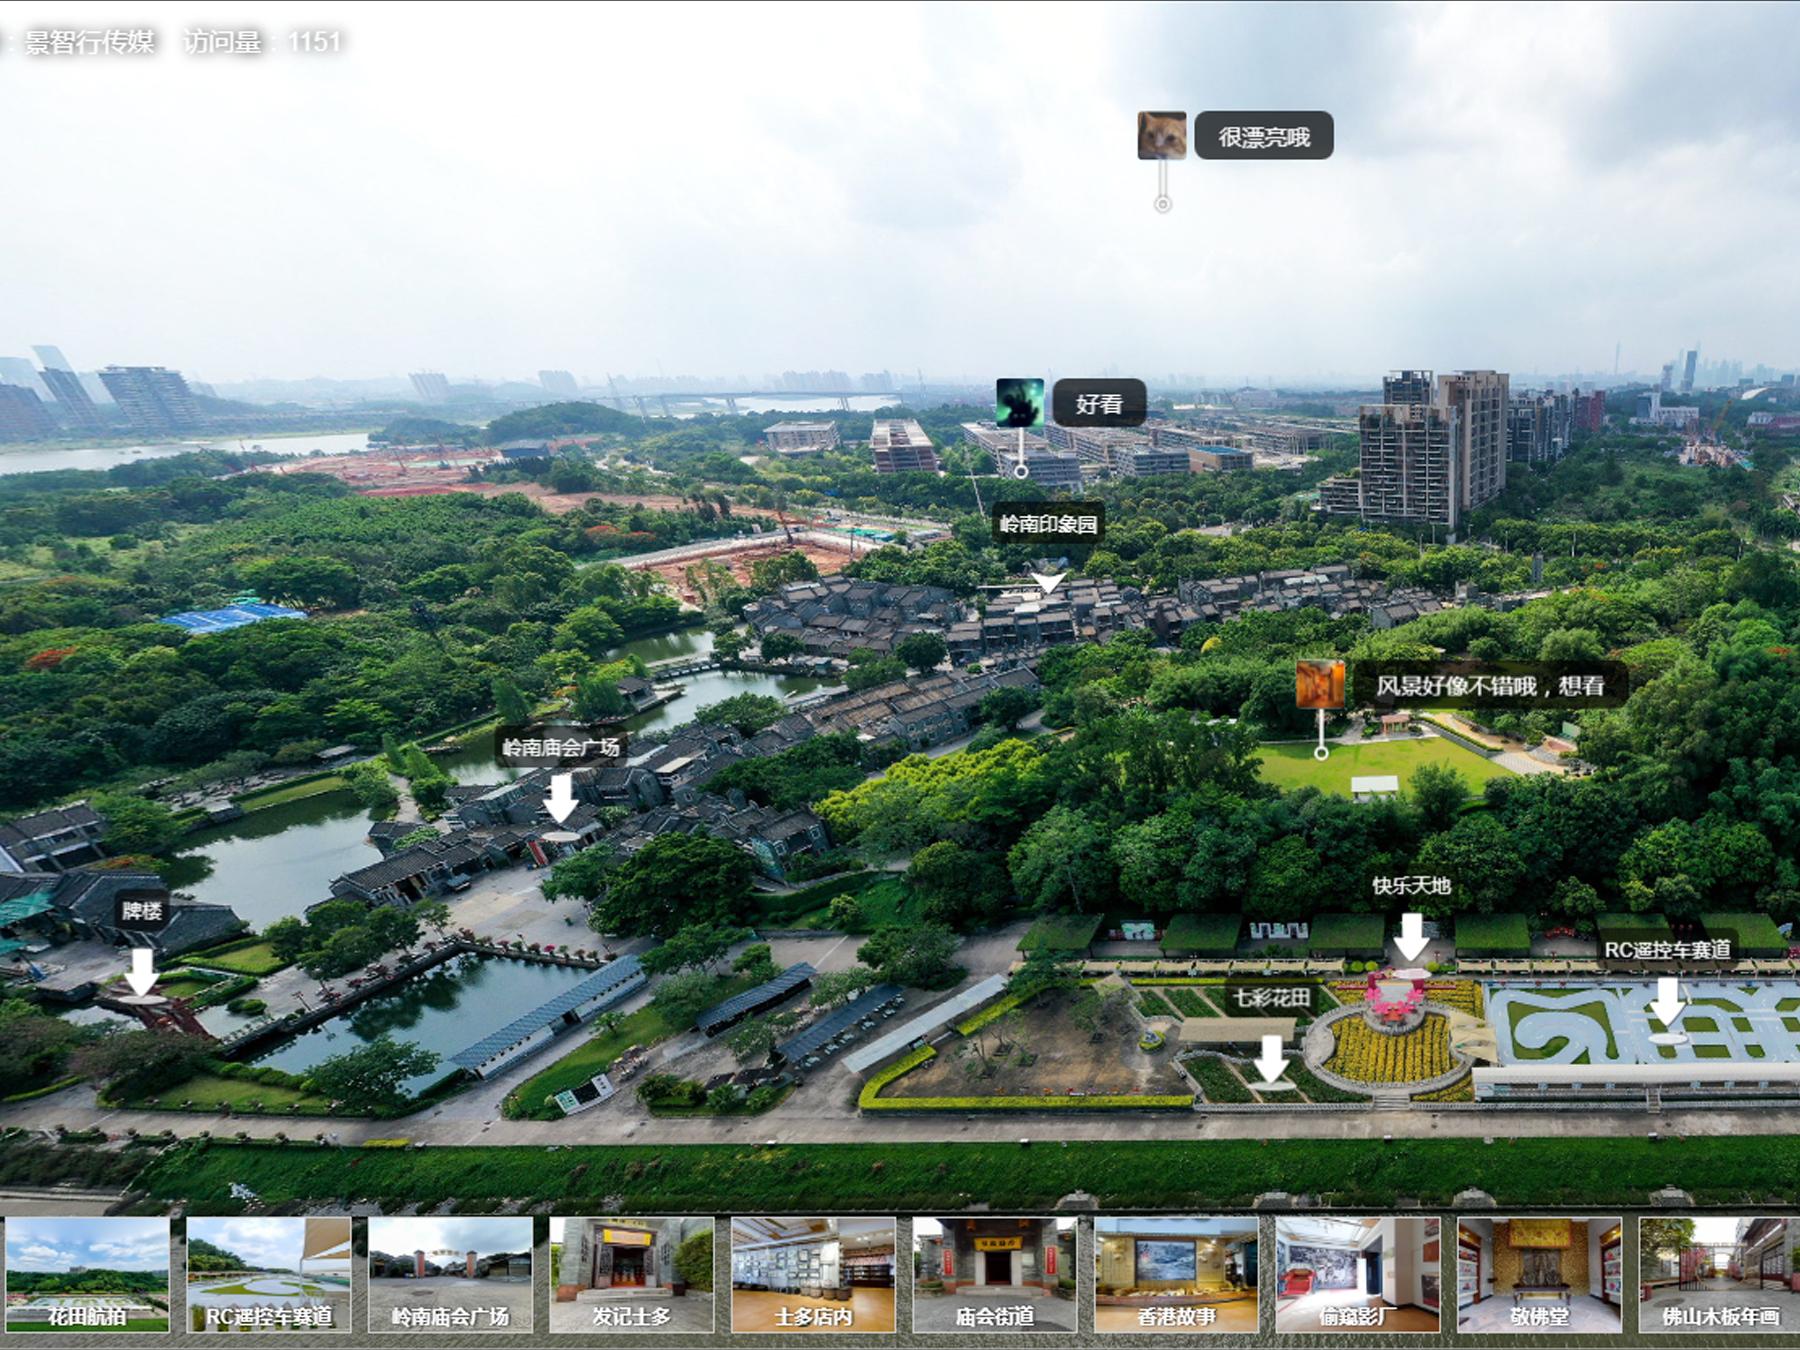 全景旅游--广州岭南印象园